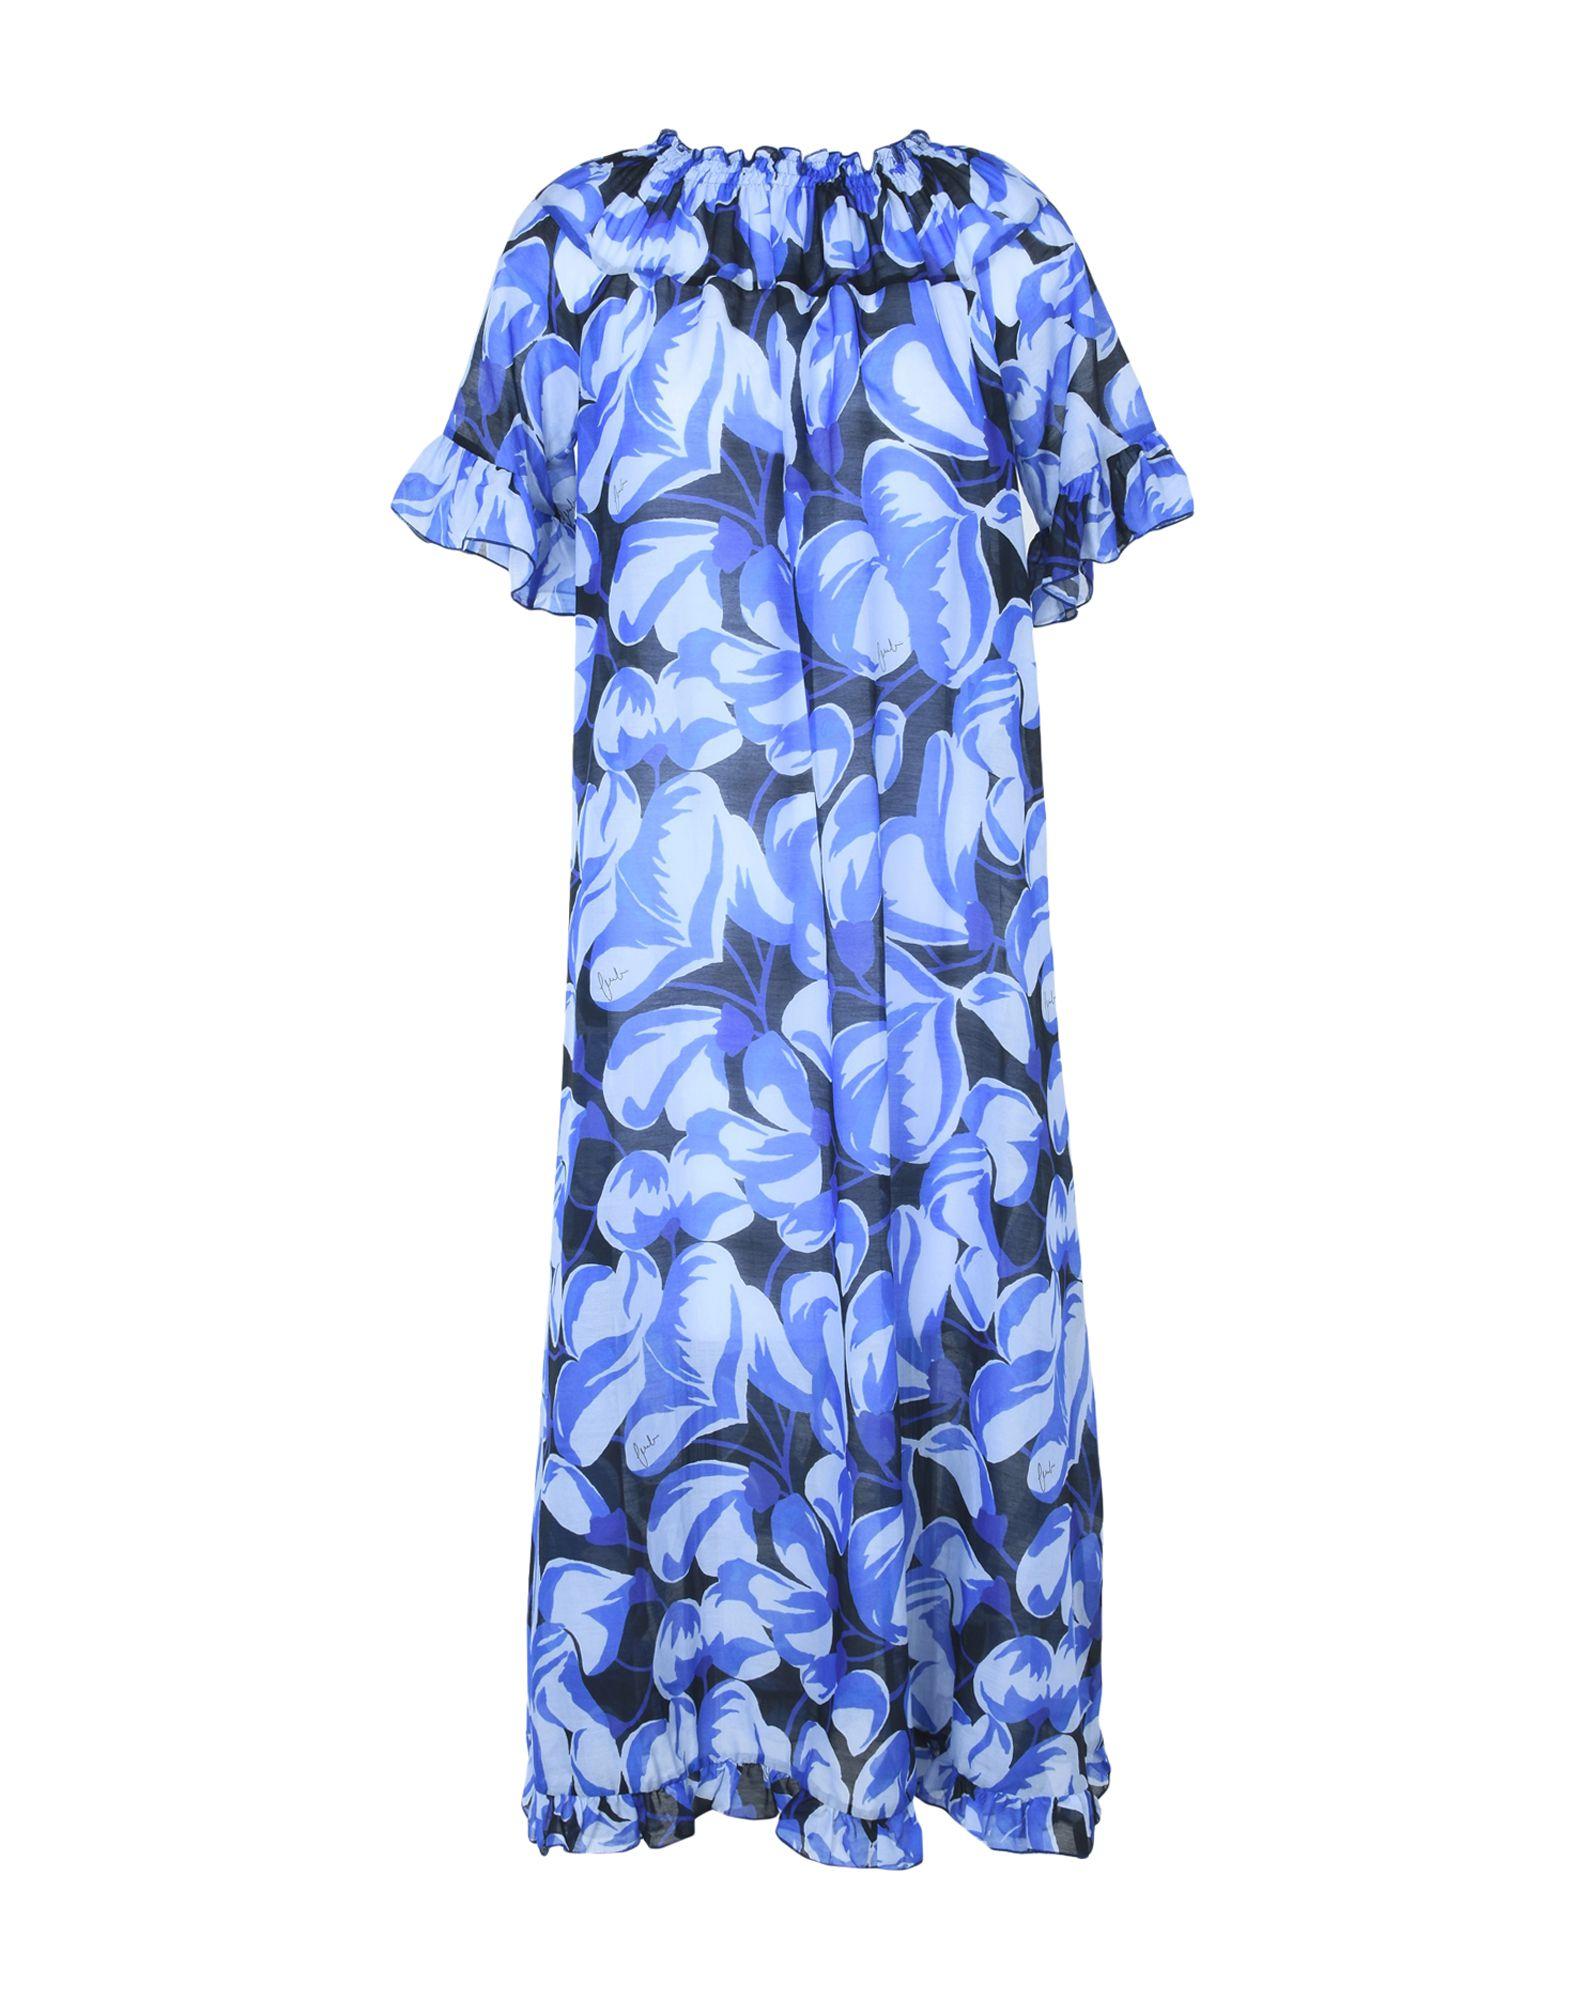 Vestito Longuette Bini Como Donna - Acquista online su VUpcK2Au